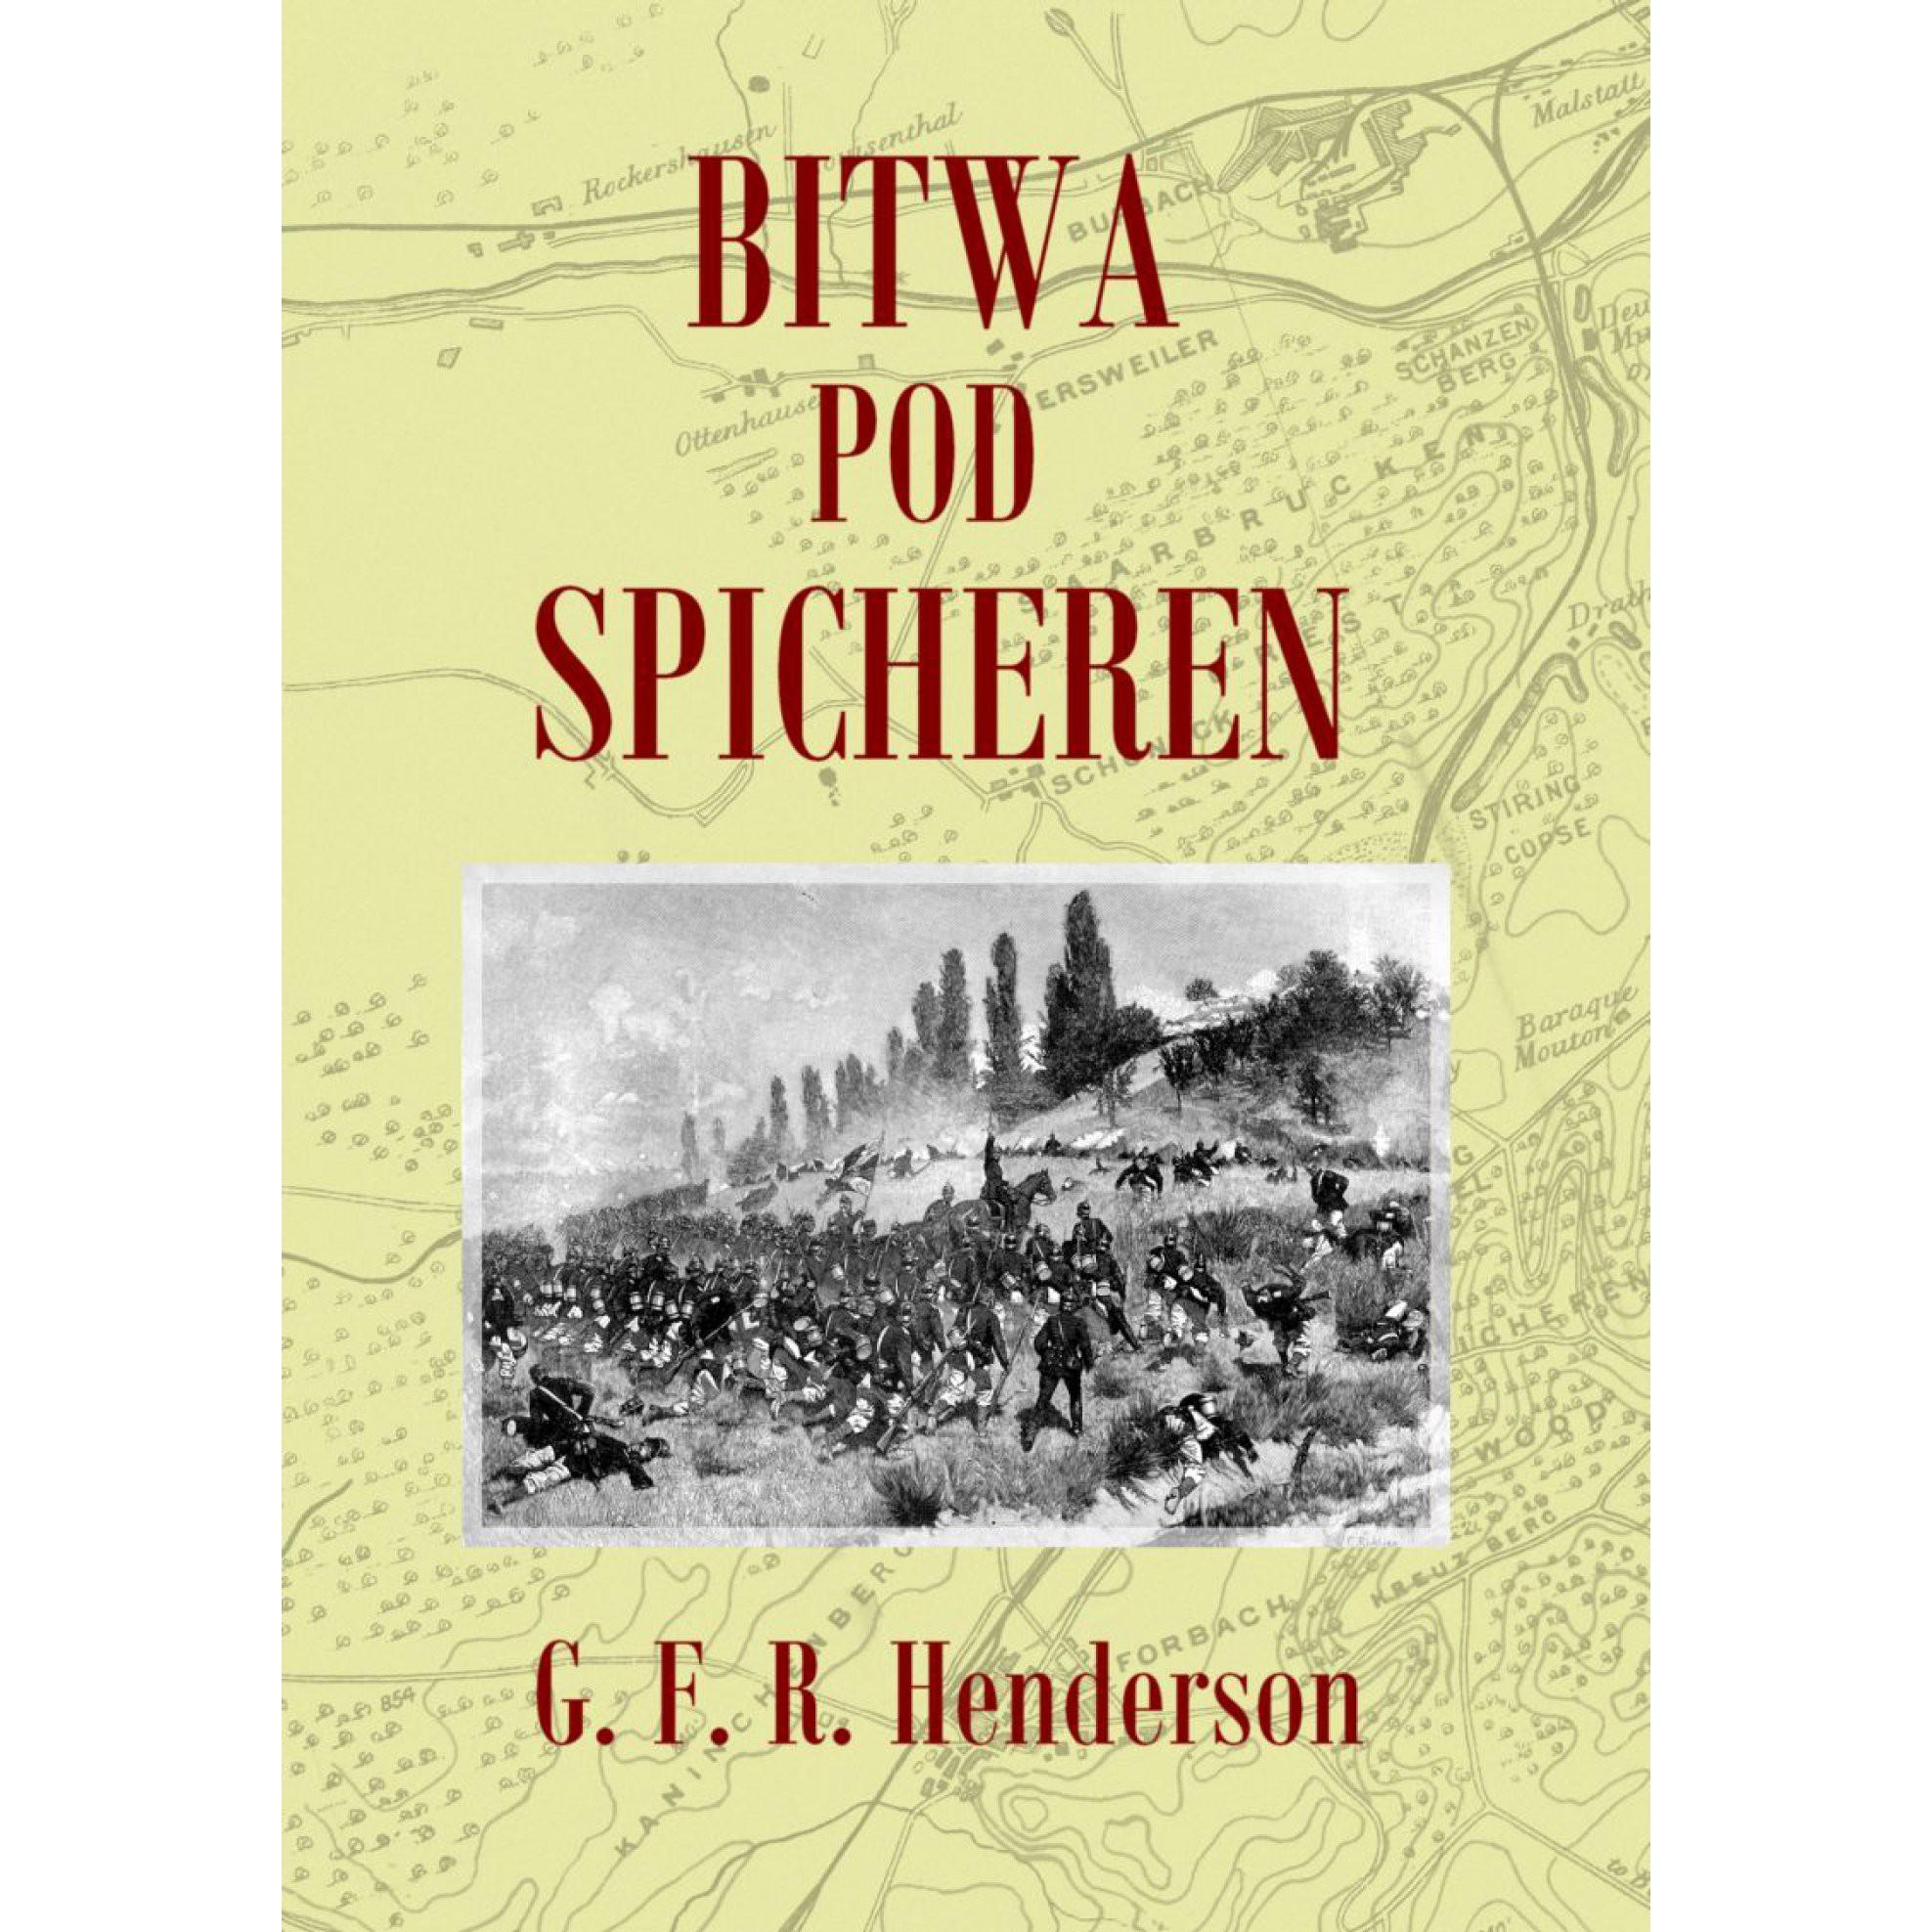 Bitwa pod Spicheren 6 sierpnia 1870 roku - Outlet